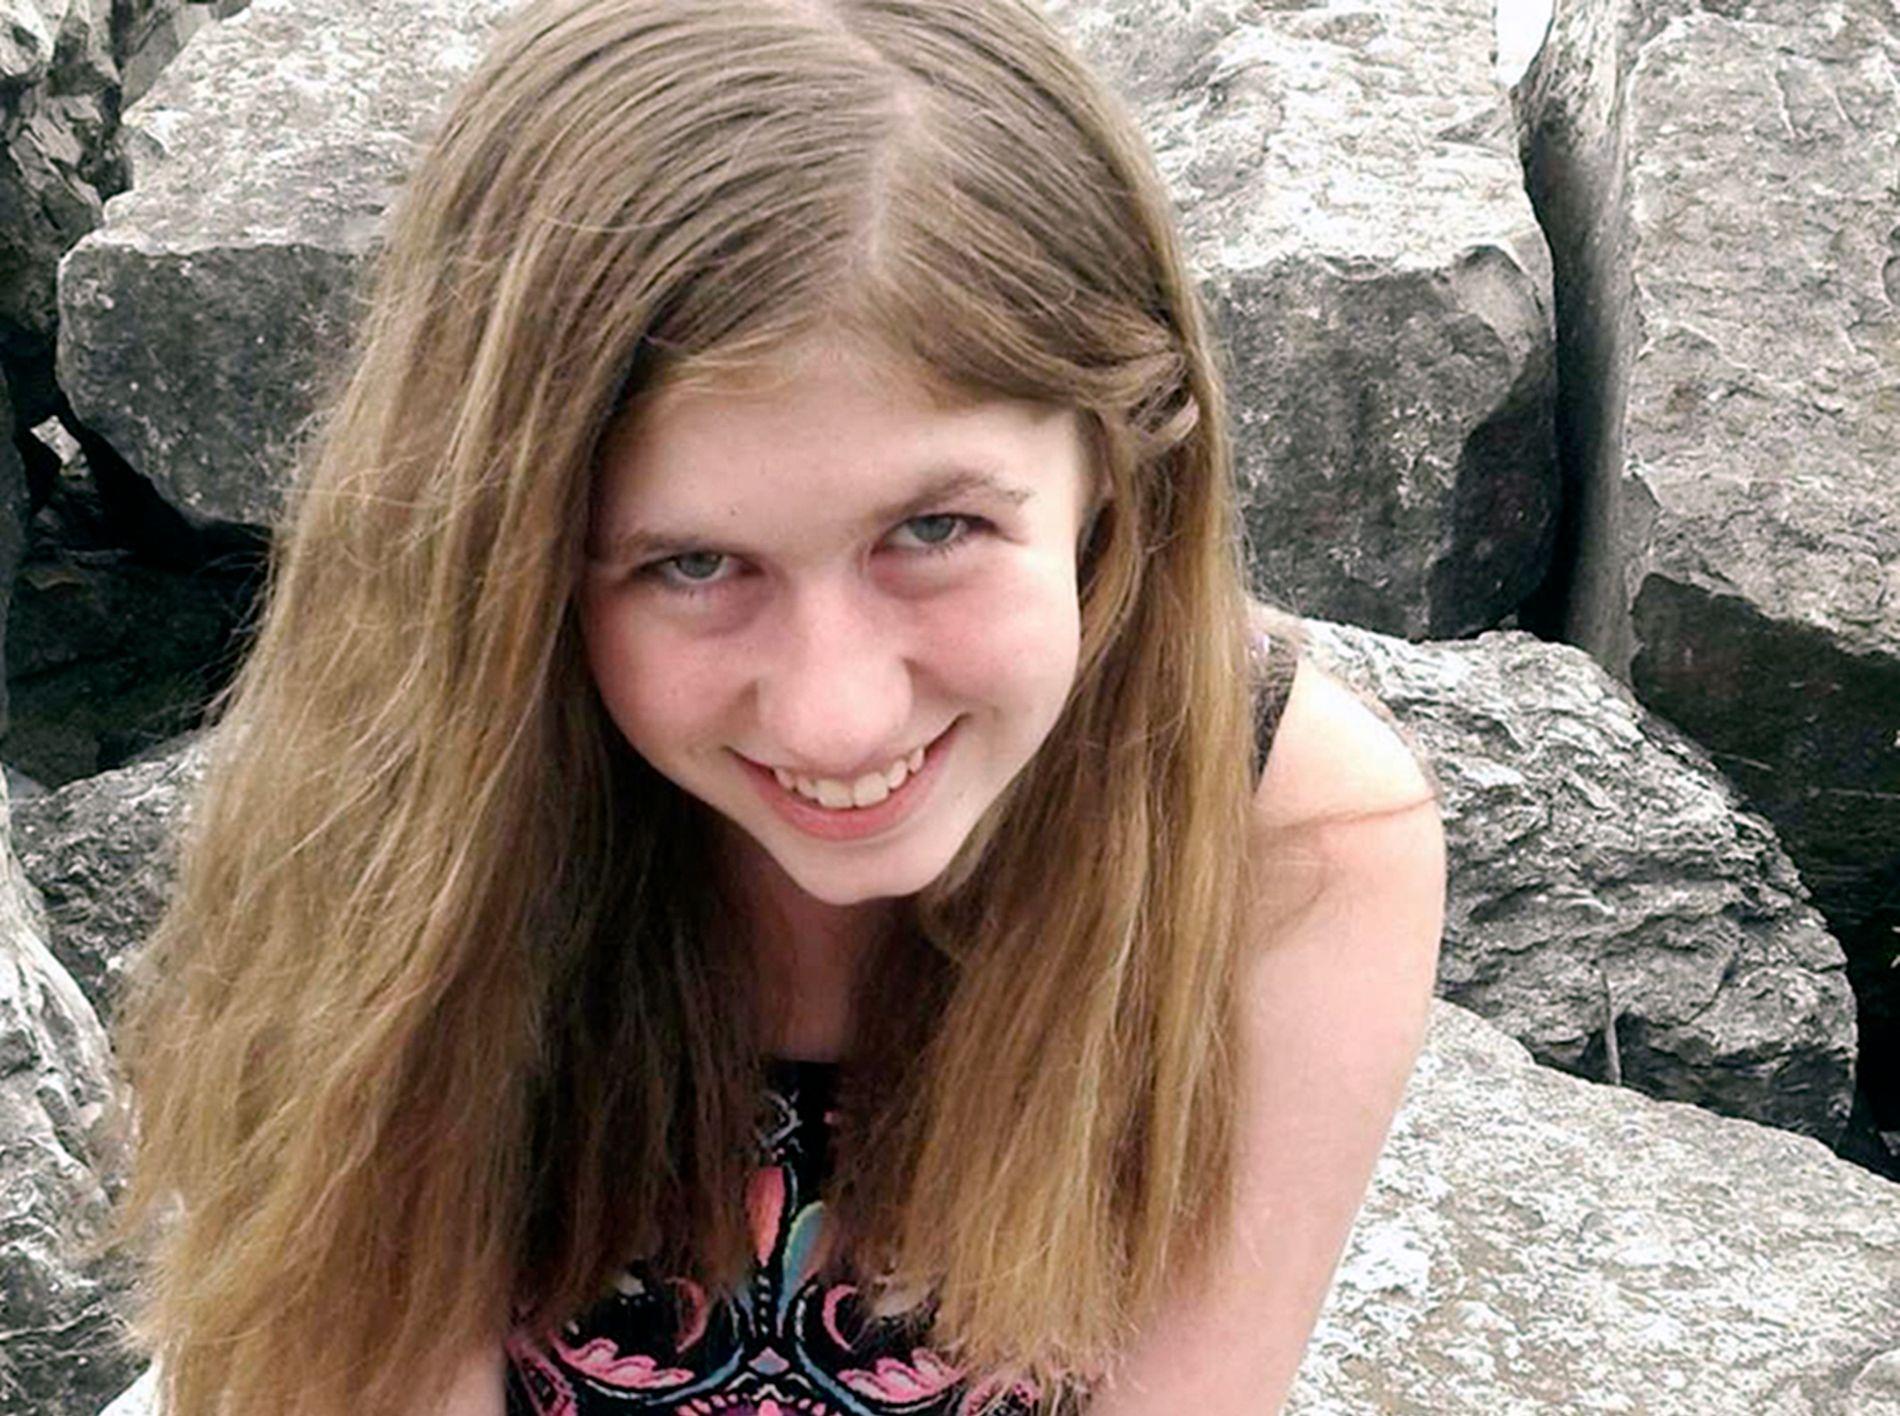 FUNNET: Jayme Closs har vært savnet helt siden foreldrene hennes ble funnet skutt og drept i oktober i fjor. Nå har hun kommet til rette.